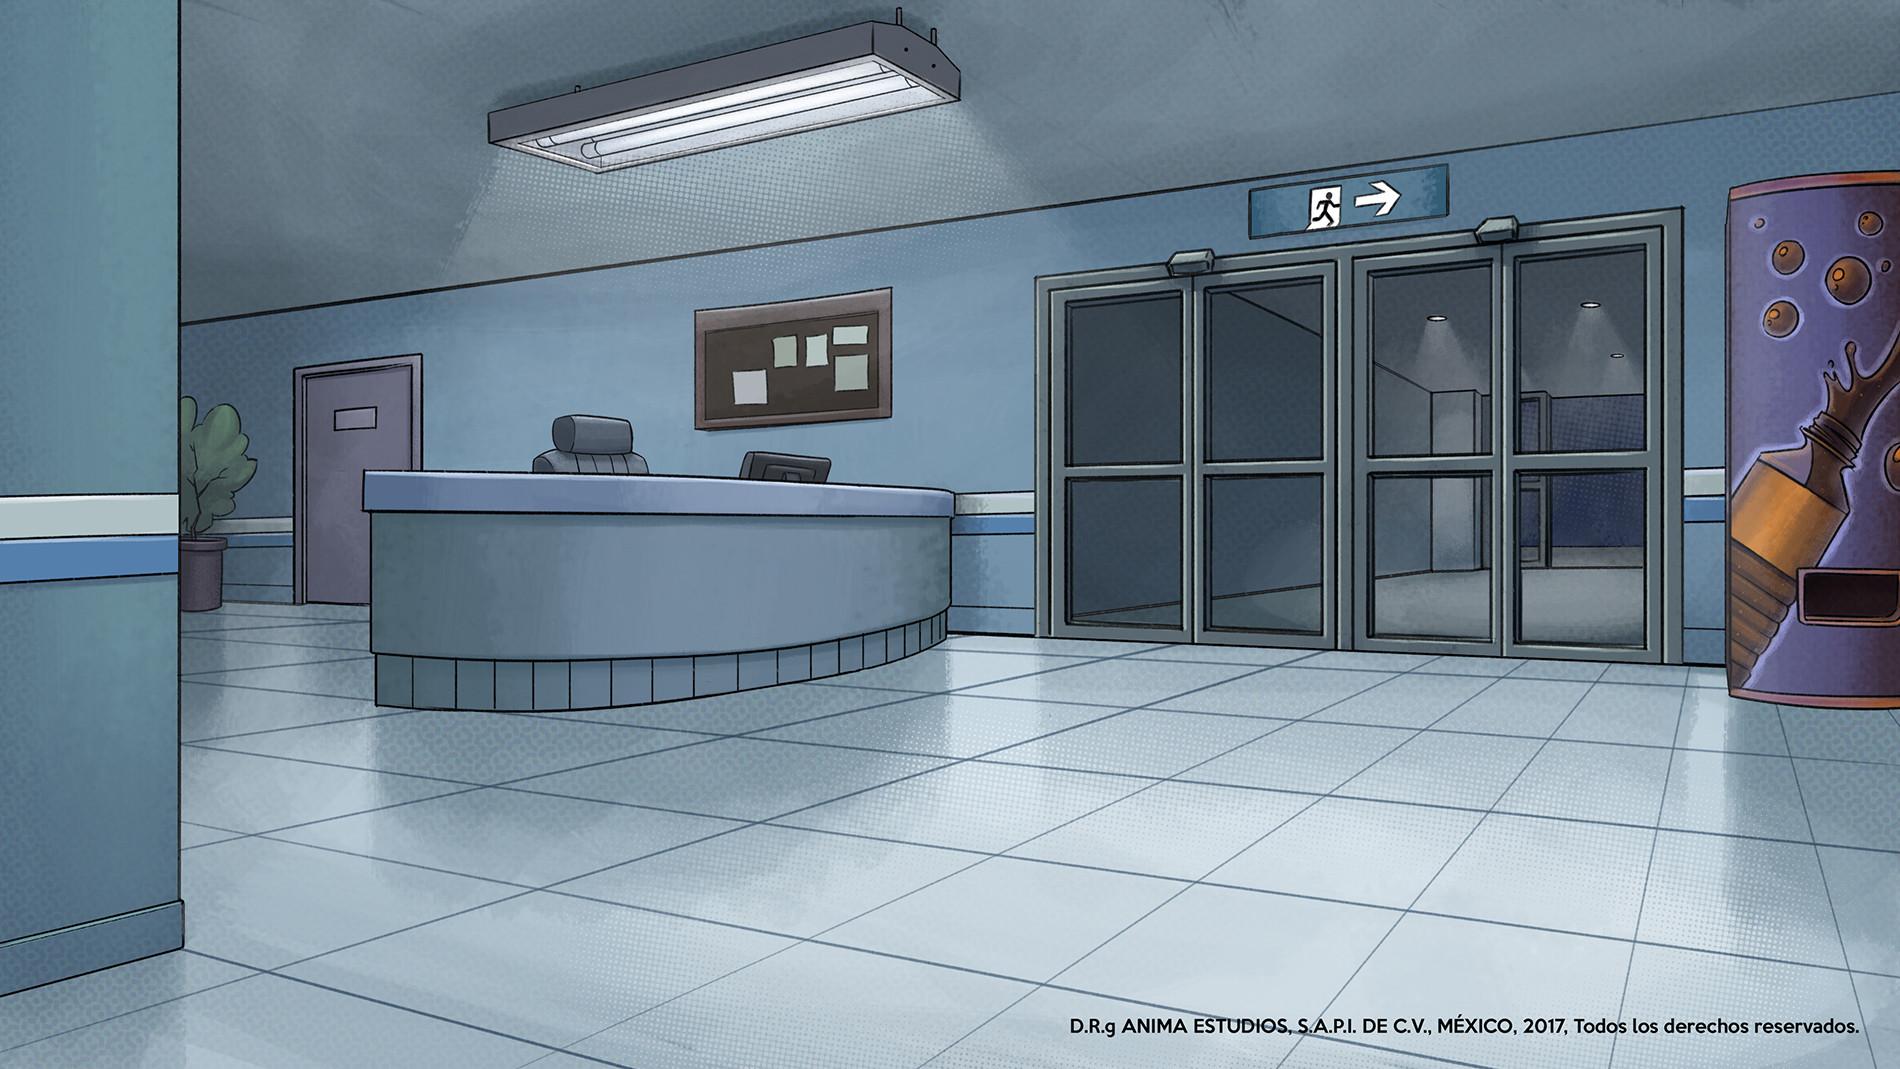 The hospital lobby.